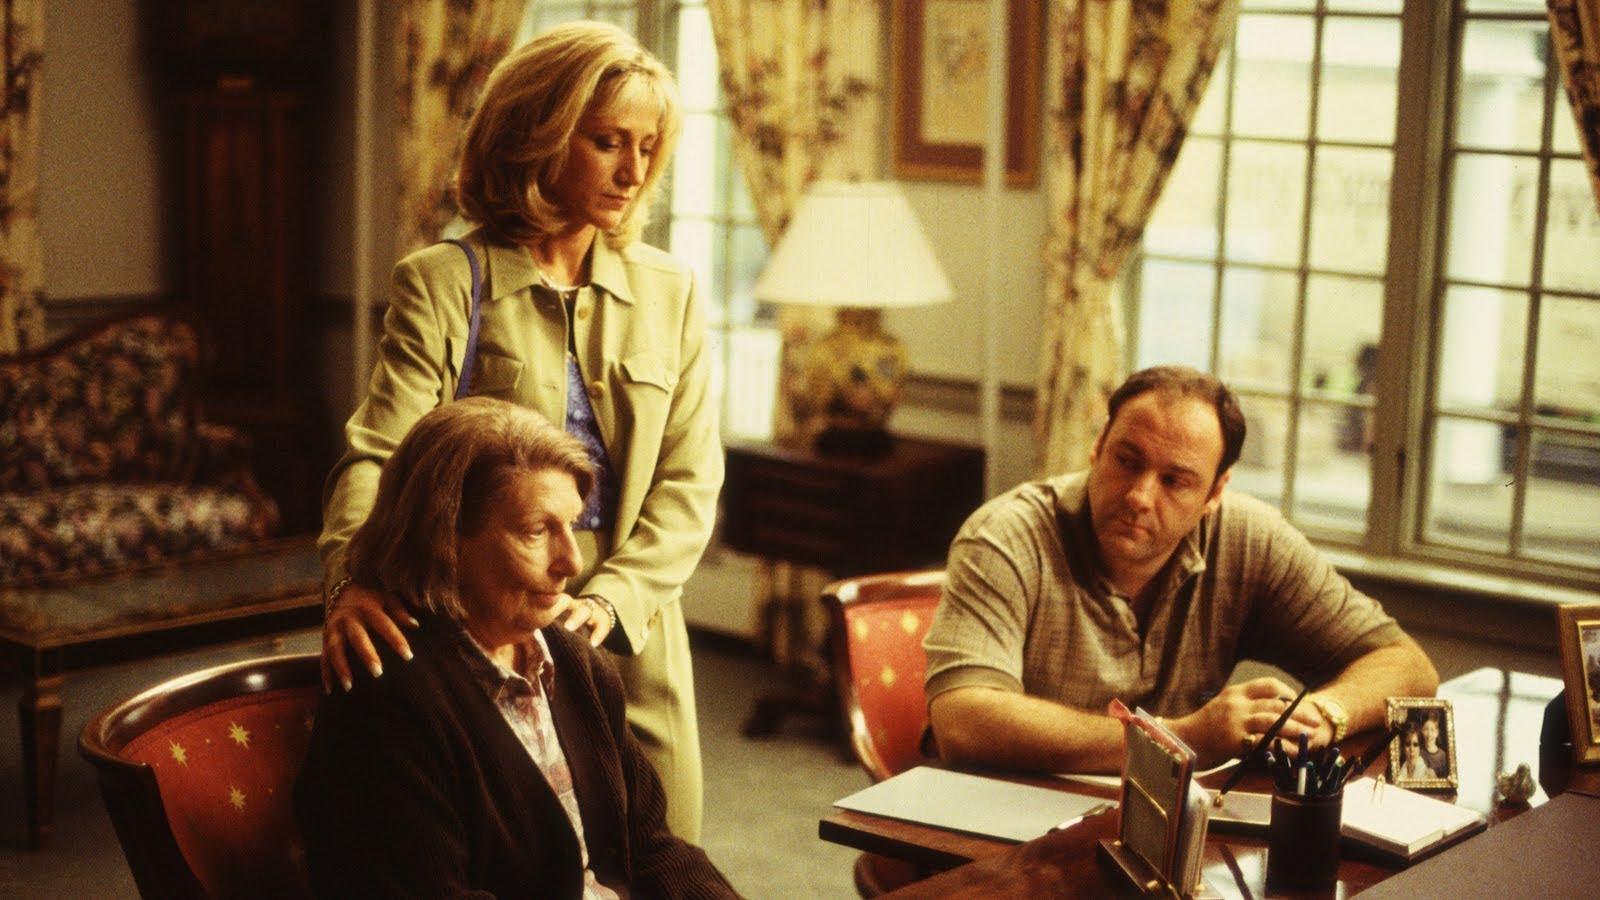 Livia at Green Grove Sopranos second episode